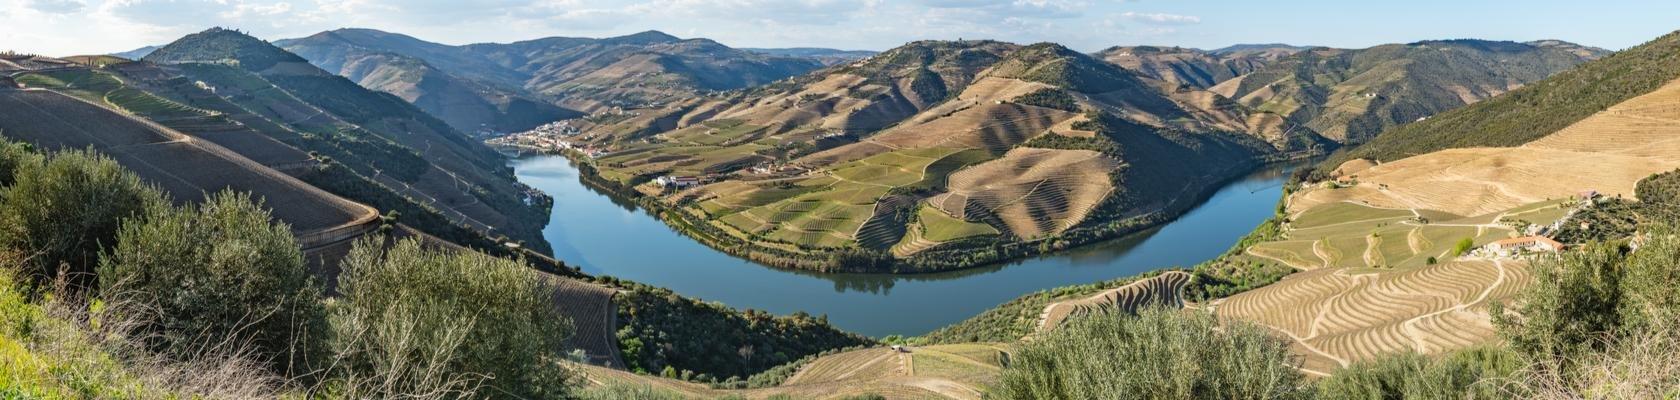 Douro Vallei: Portugal